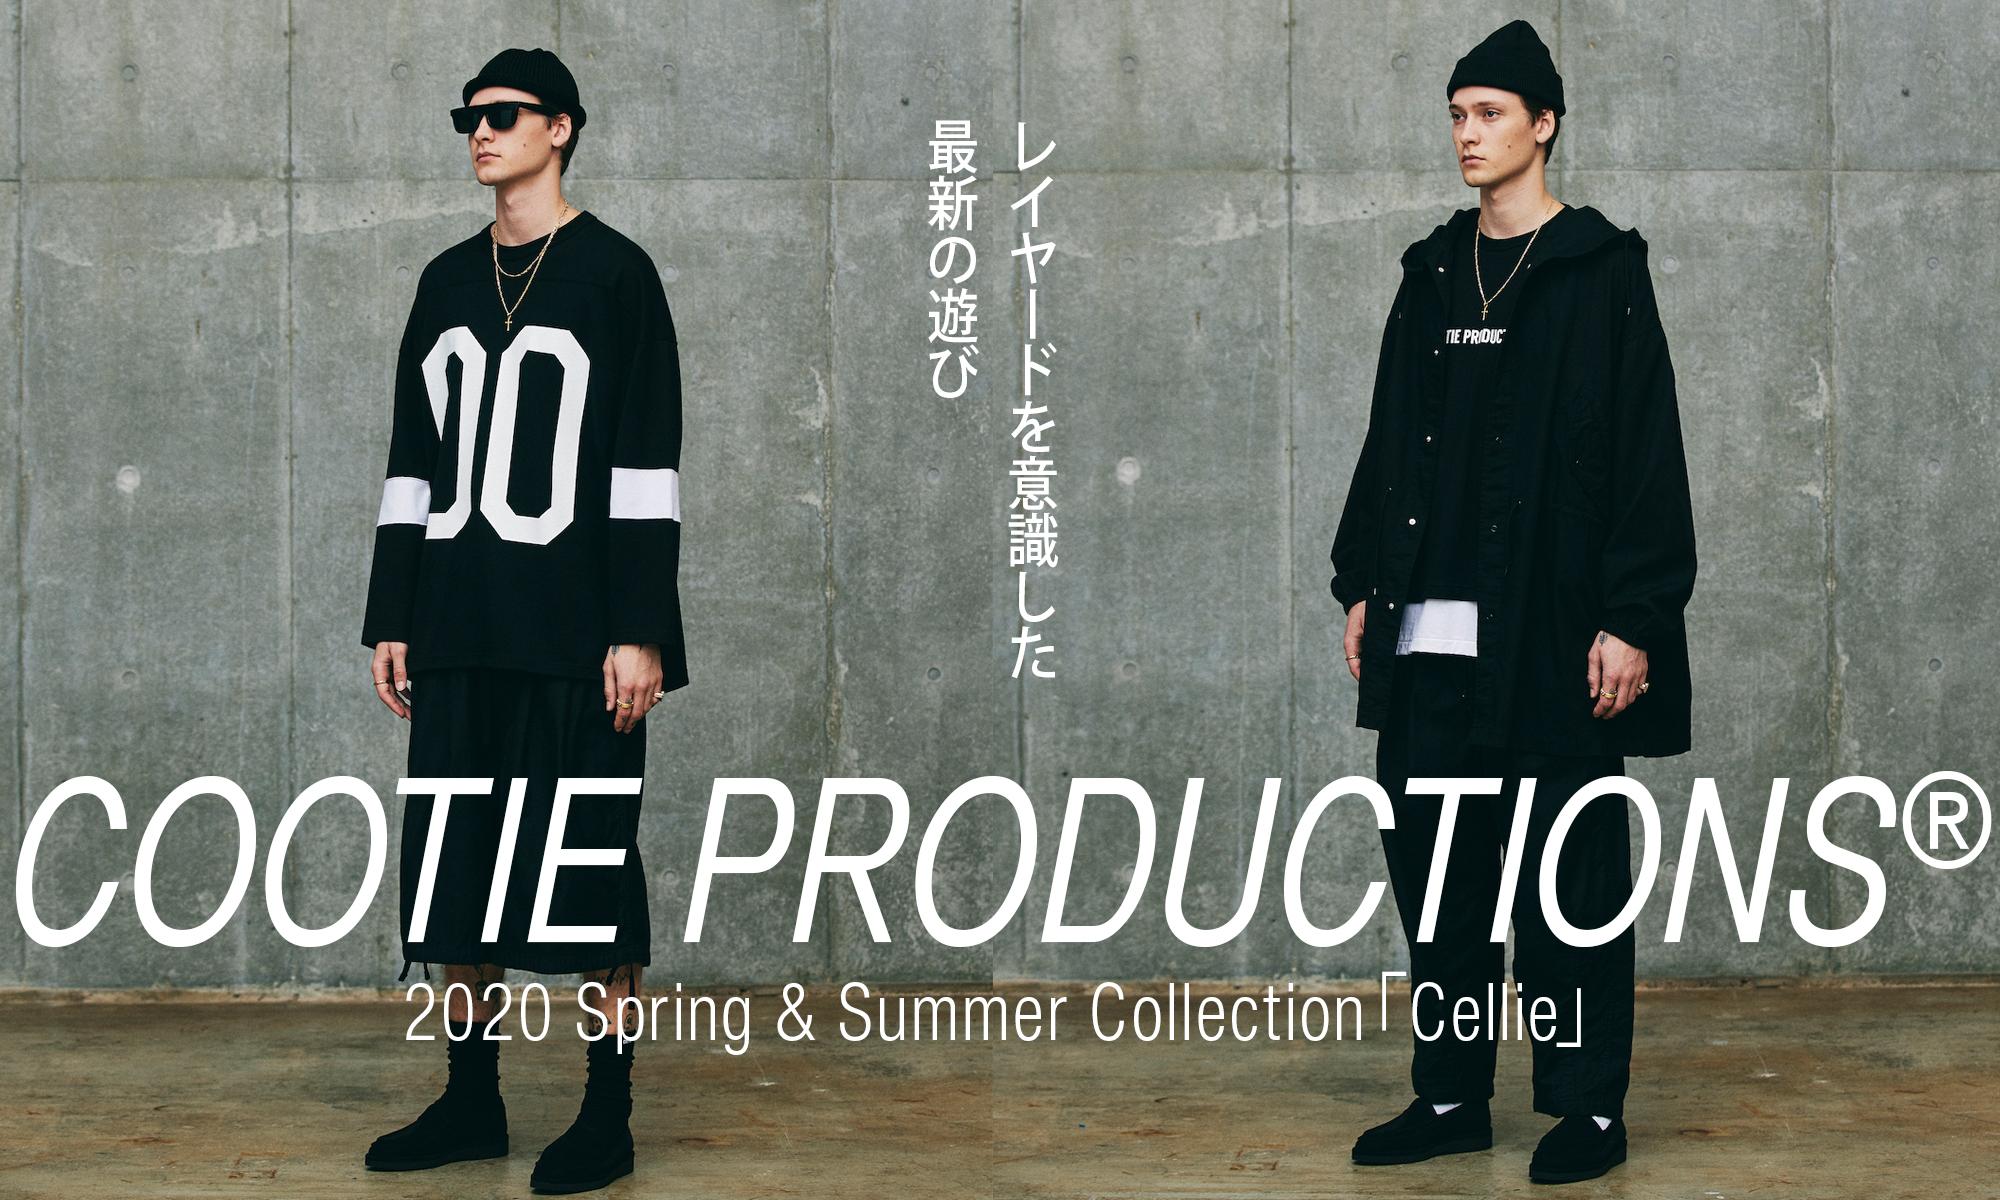 レイヤードを意識した最新の遊び COOTIE PRODUCTIONS® - 2020 Spring & Summer Collection「Cellie」-